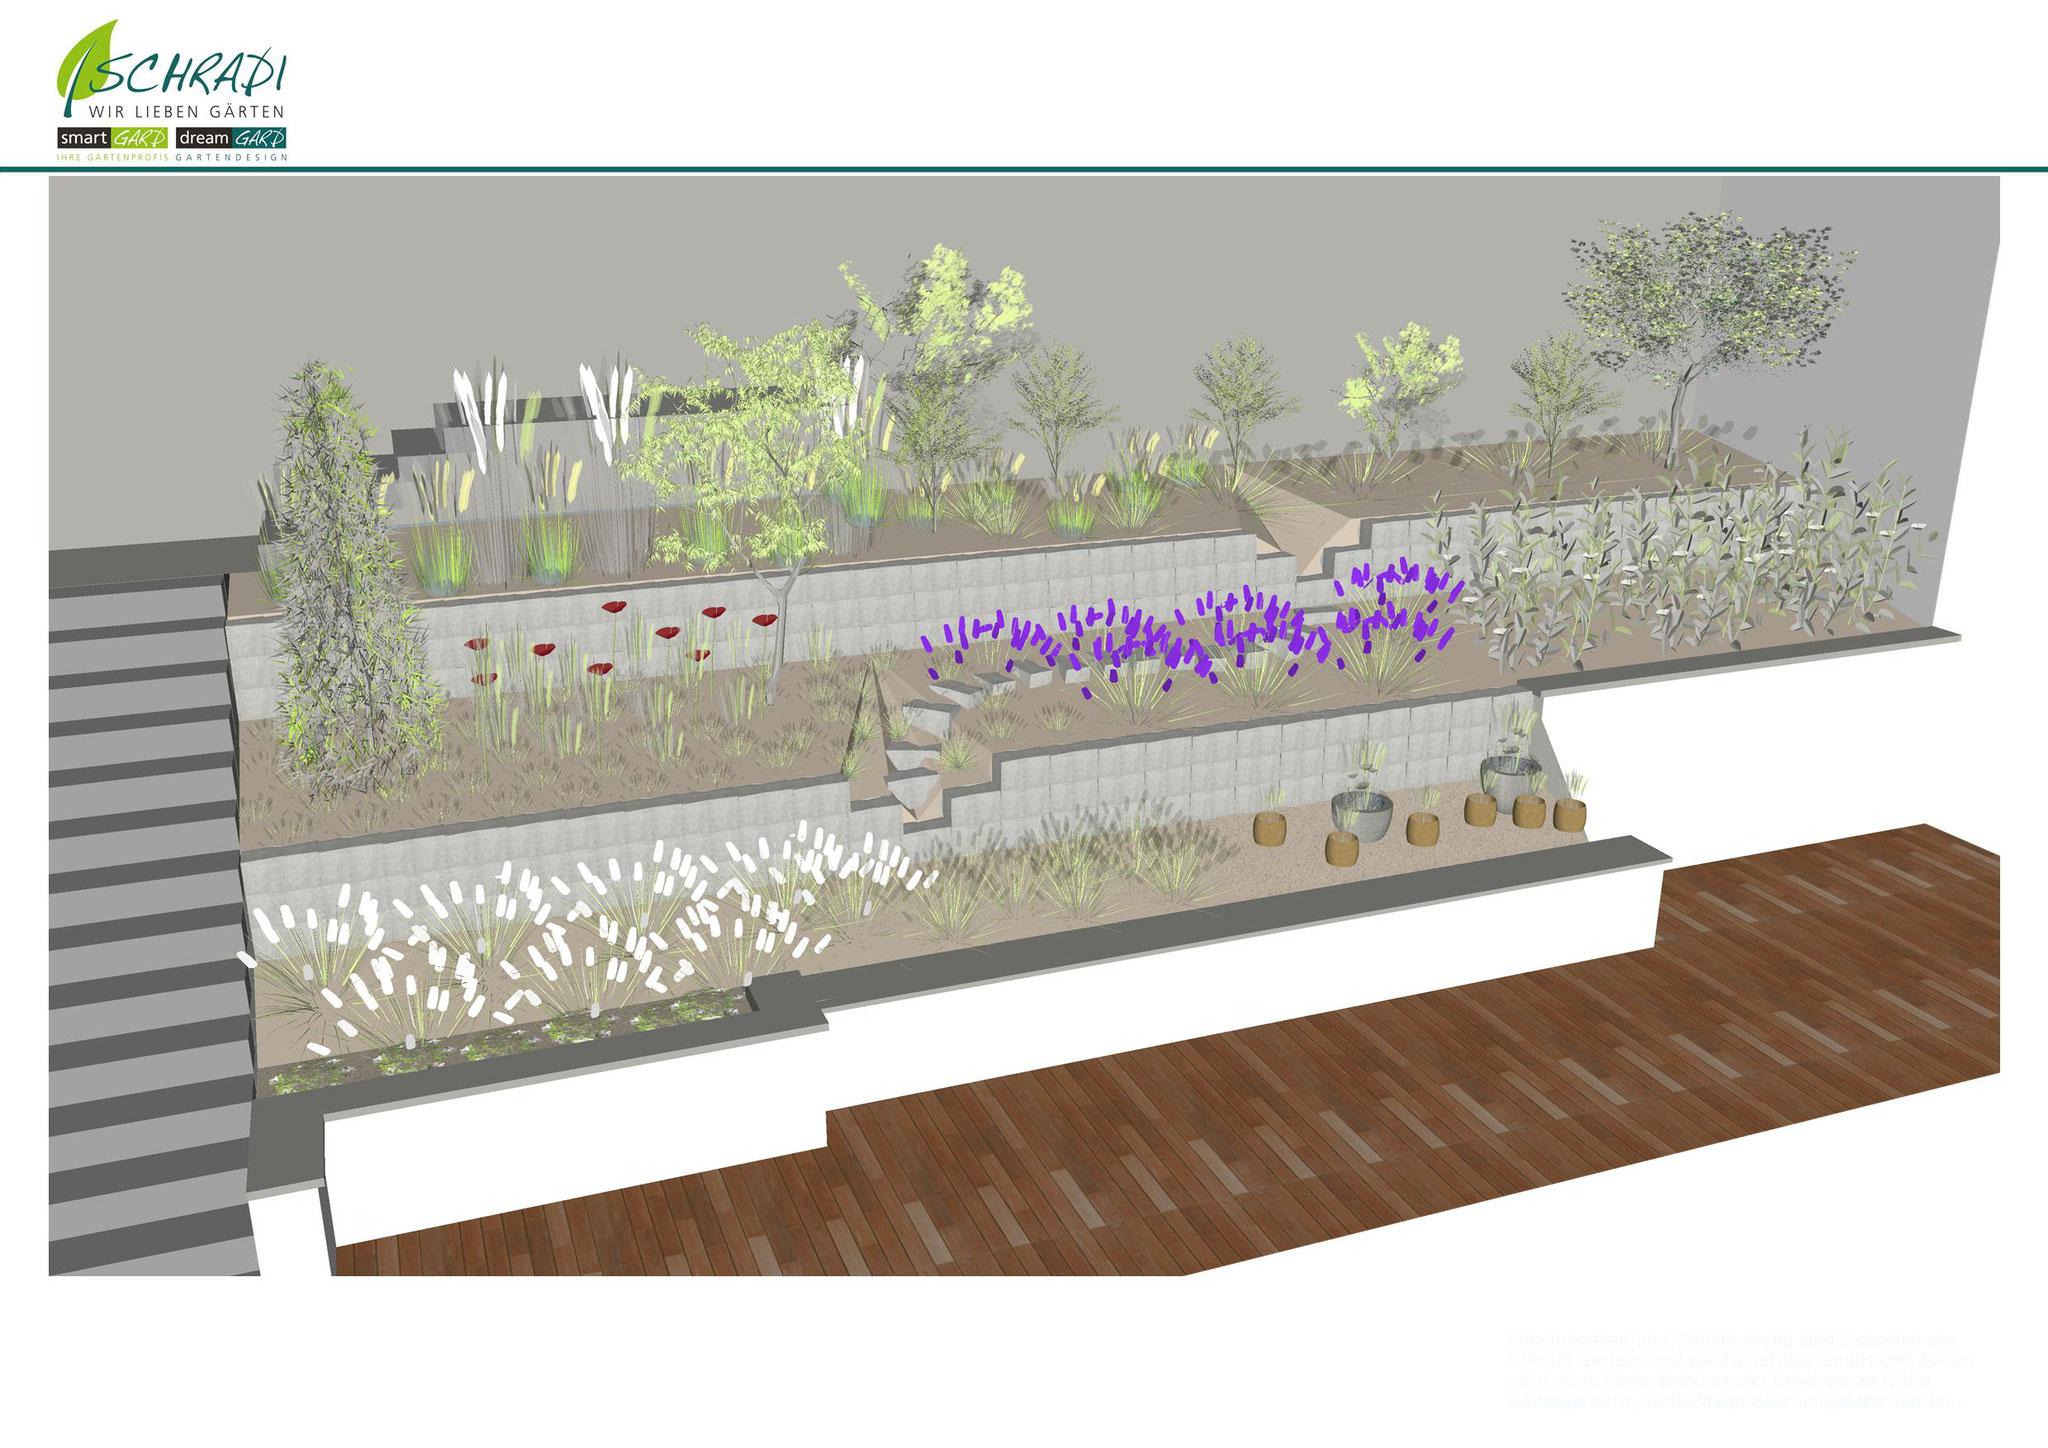 Gartengestaltung mit moderner Software am Computer